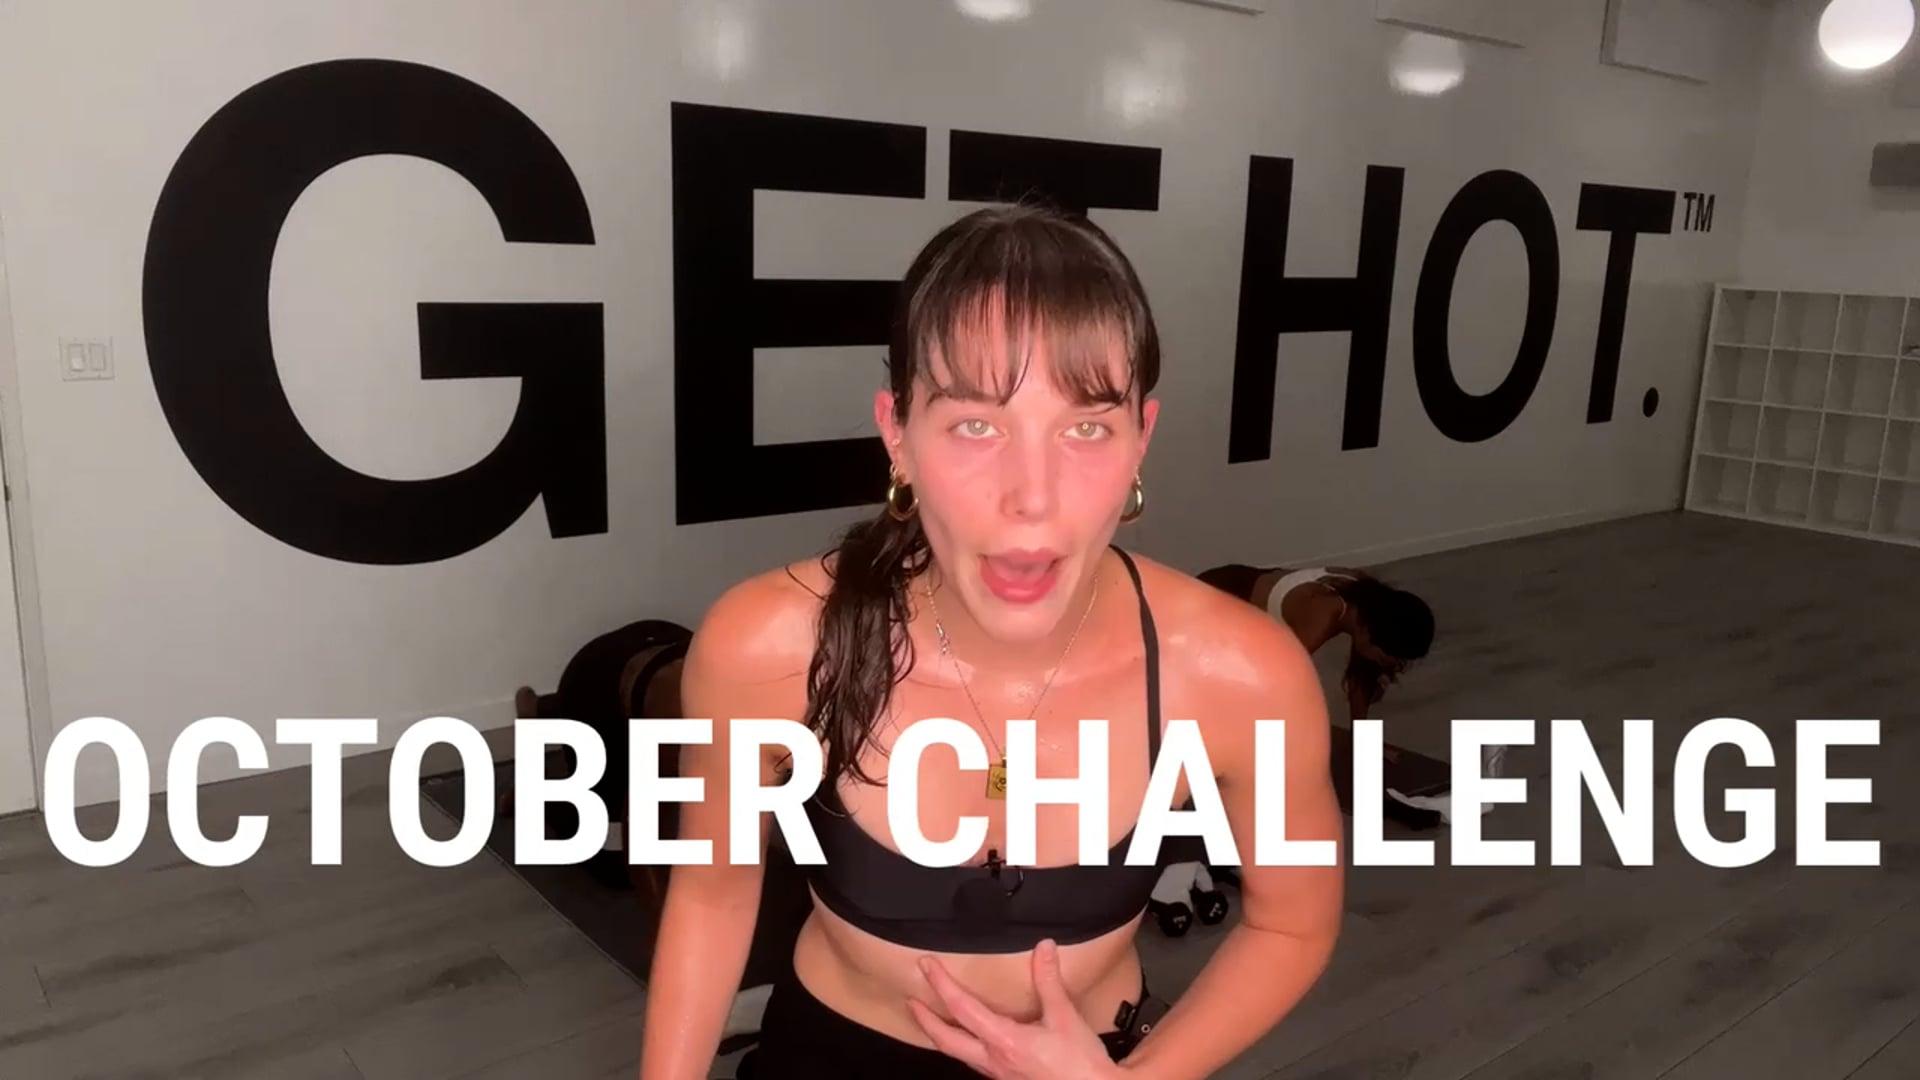 OCTOBER CHALLENGE TRAILER